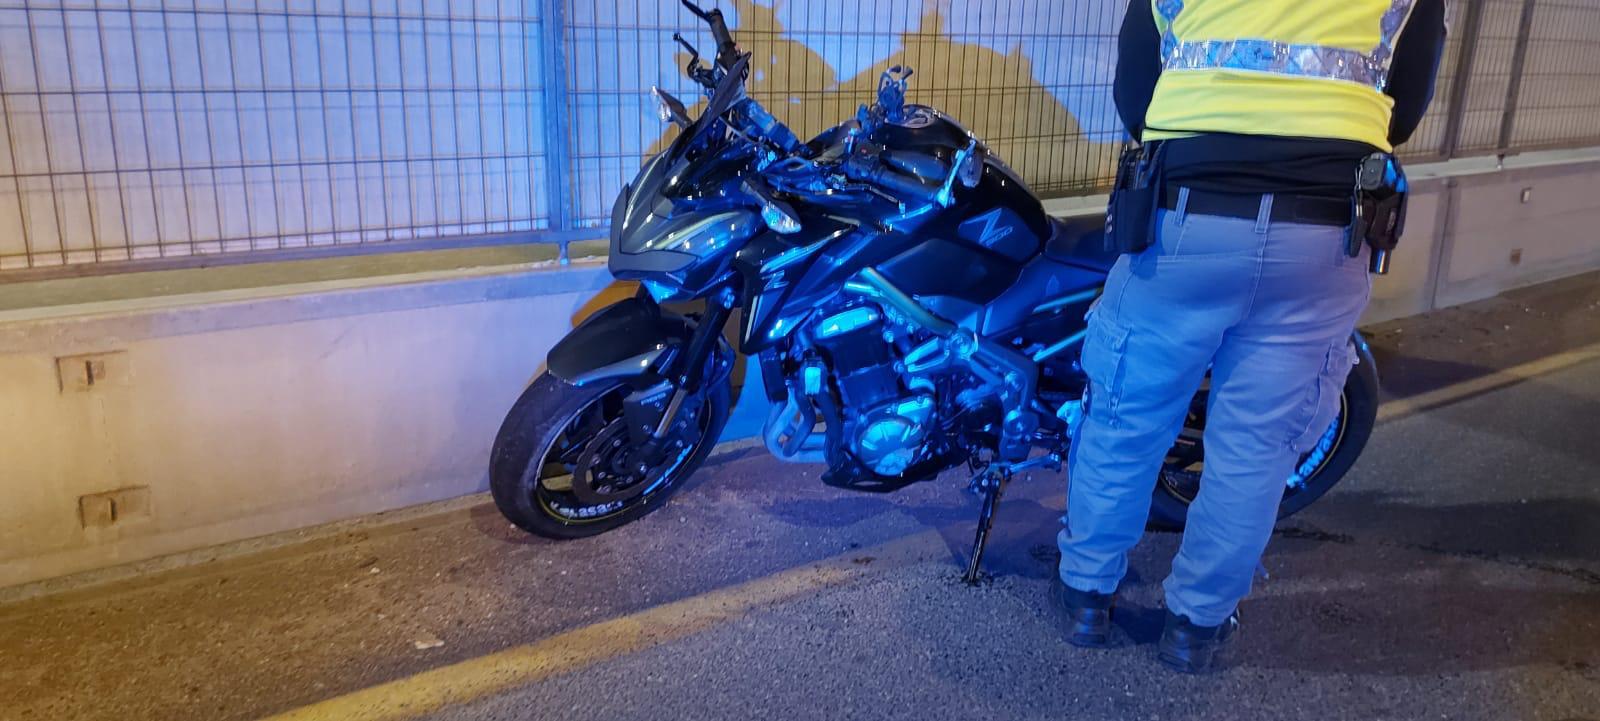 האופנוע שעליו נהרג הרוכב בן ה-19